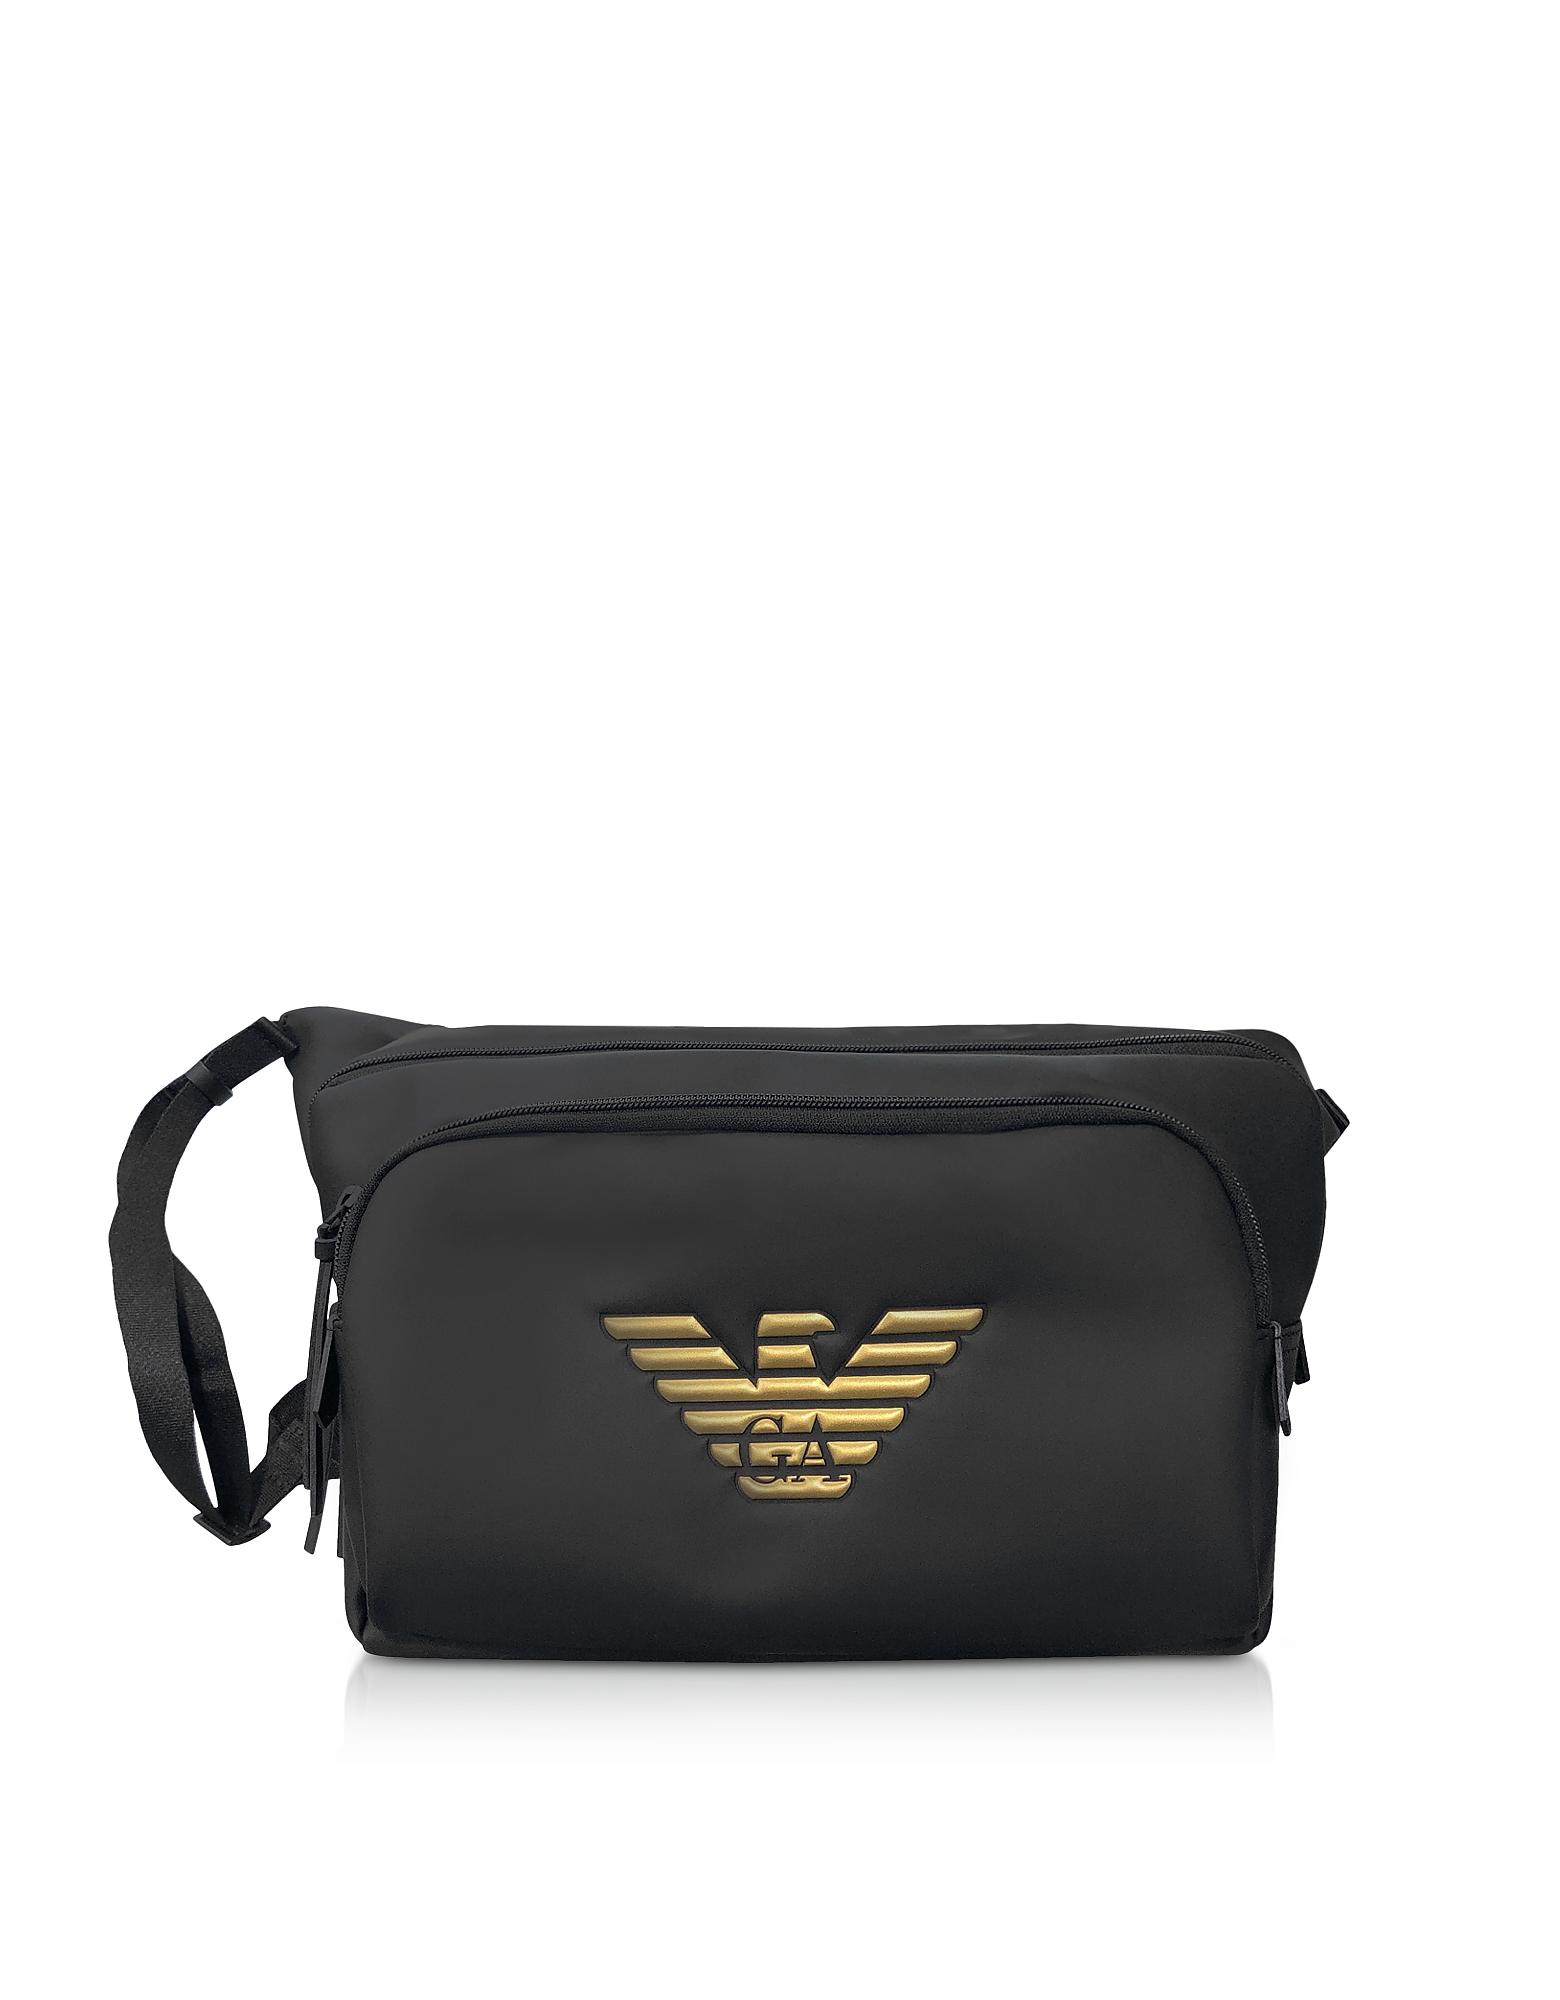 Black and Gold Eagle Belt Bag